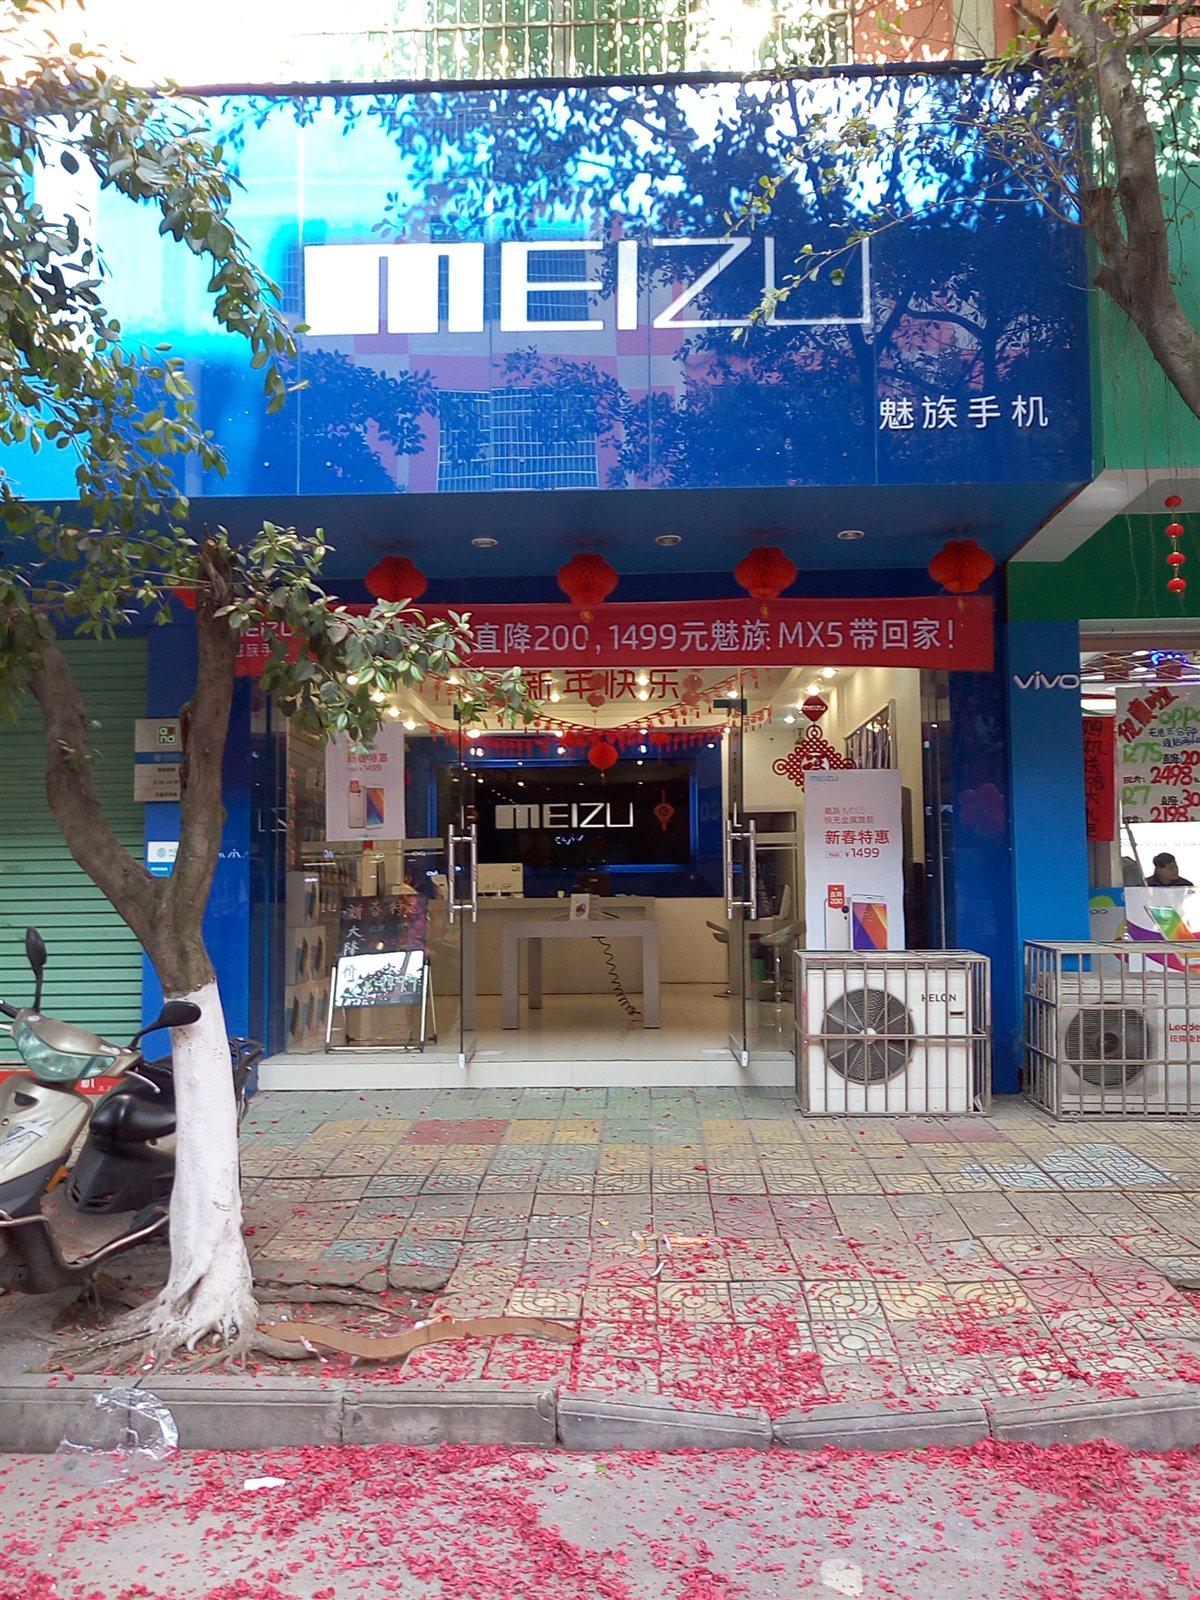 469981新葡京网址-新葡京网站-新葡京官网魅族手机专卖店